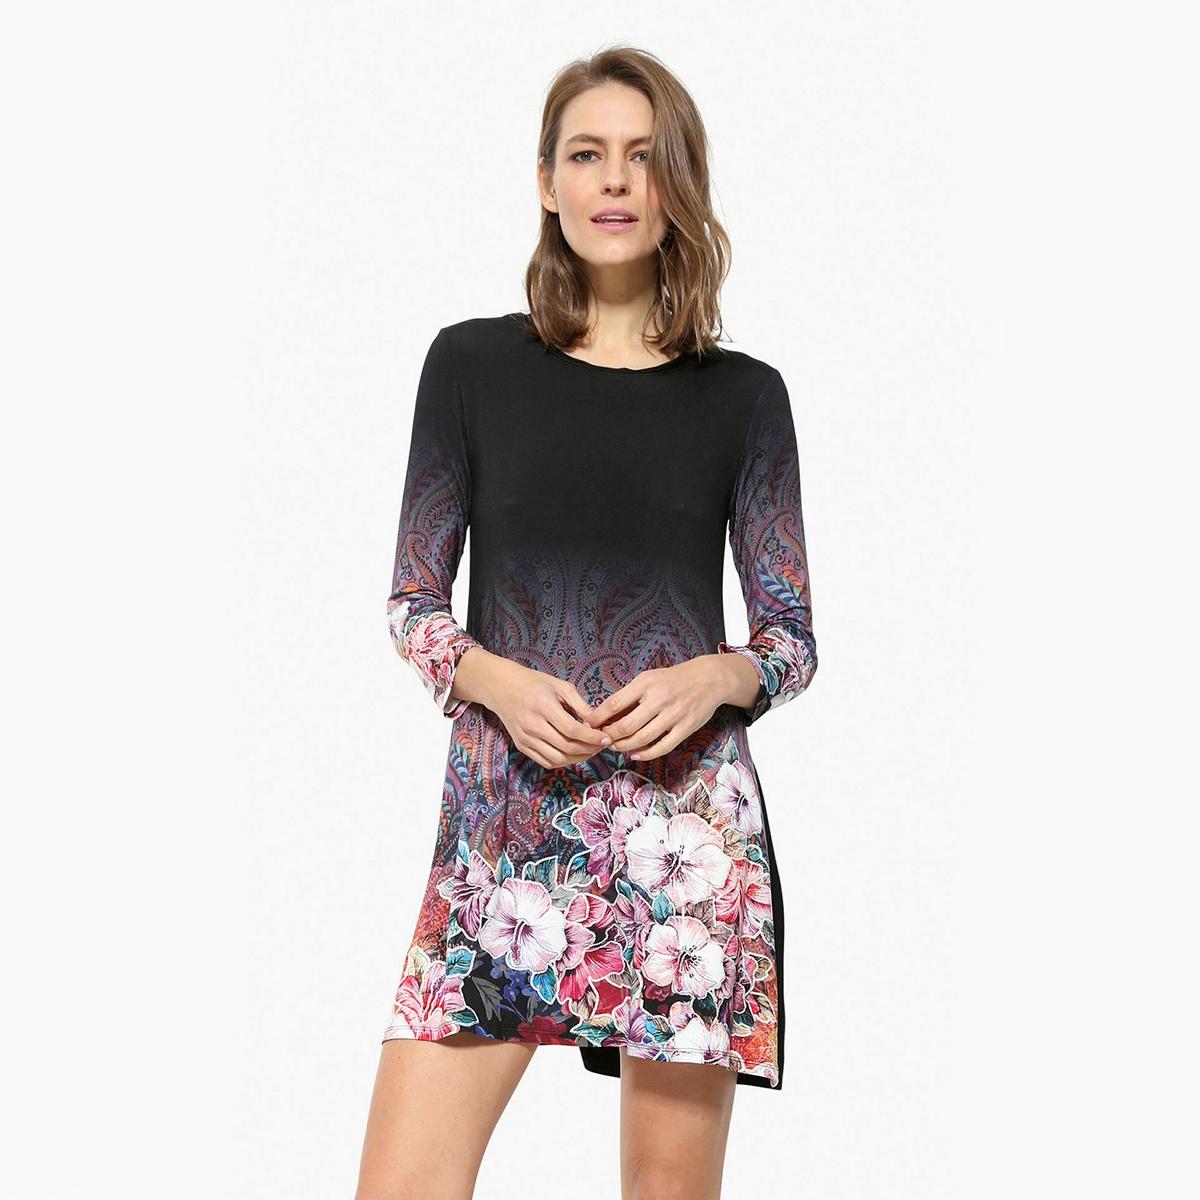 Платье короткое с длинными рукавамиДетали •  Форма : МИНИ •  короткое  •  Длинные рукава     •  Круглый вырез •  Графический рисунокСостав и уход •  97% вискозы, 3% эластана  •  Следуйте советам по уходу, указанным на этикетке<br><br>Цвет: черный<br>Размер: S